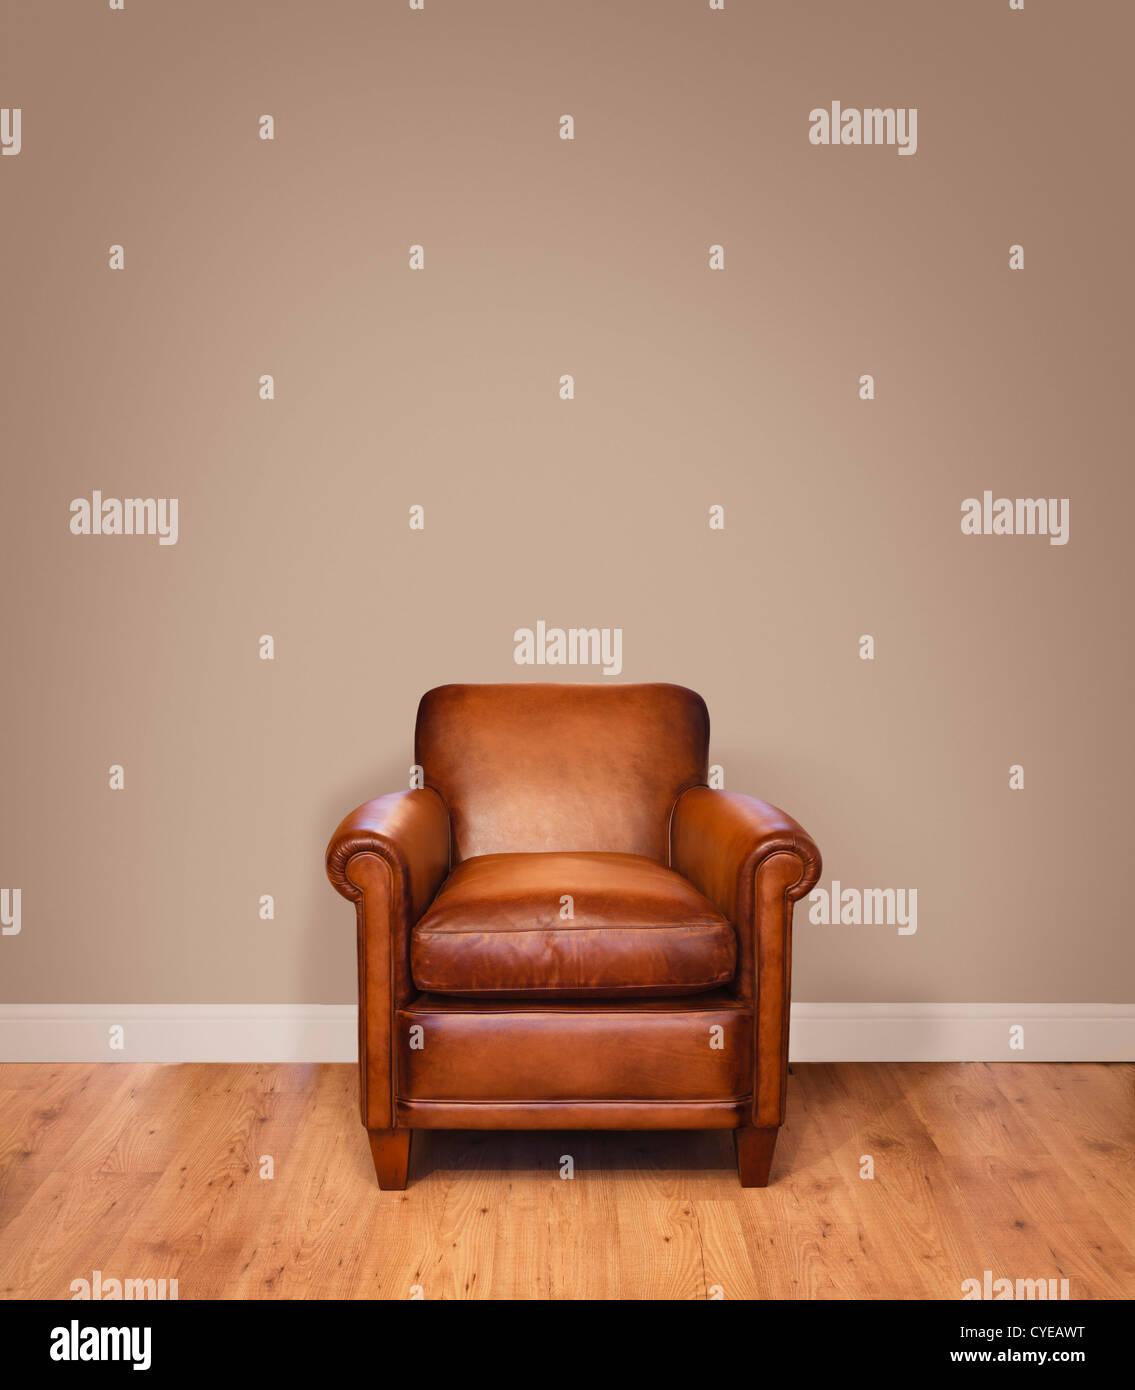 Fauteuil en cuir sur un plancher en bois contre un mur à l'arrière-plan avec beaucoup de copyspace. Photo Stock